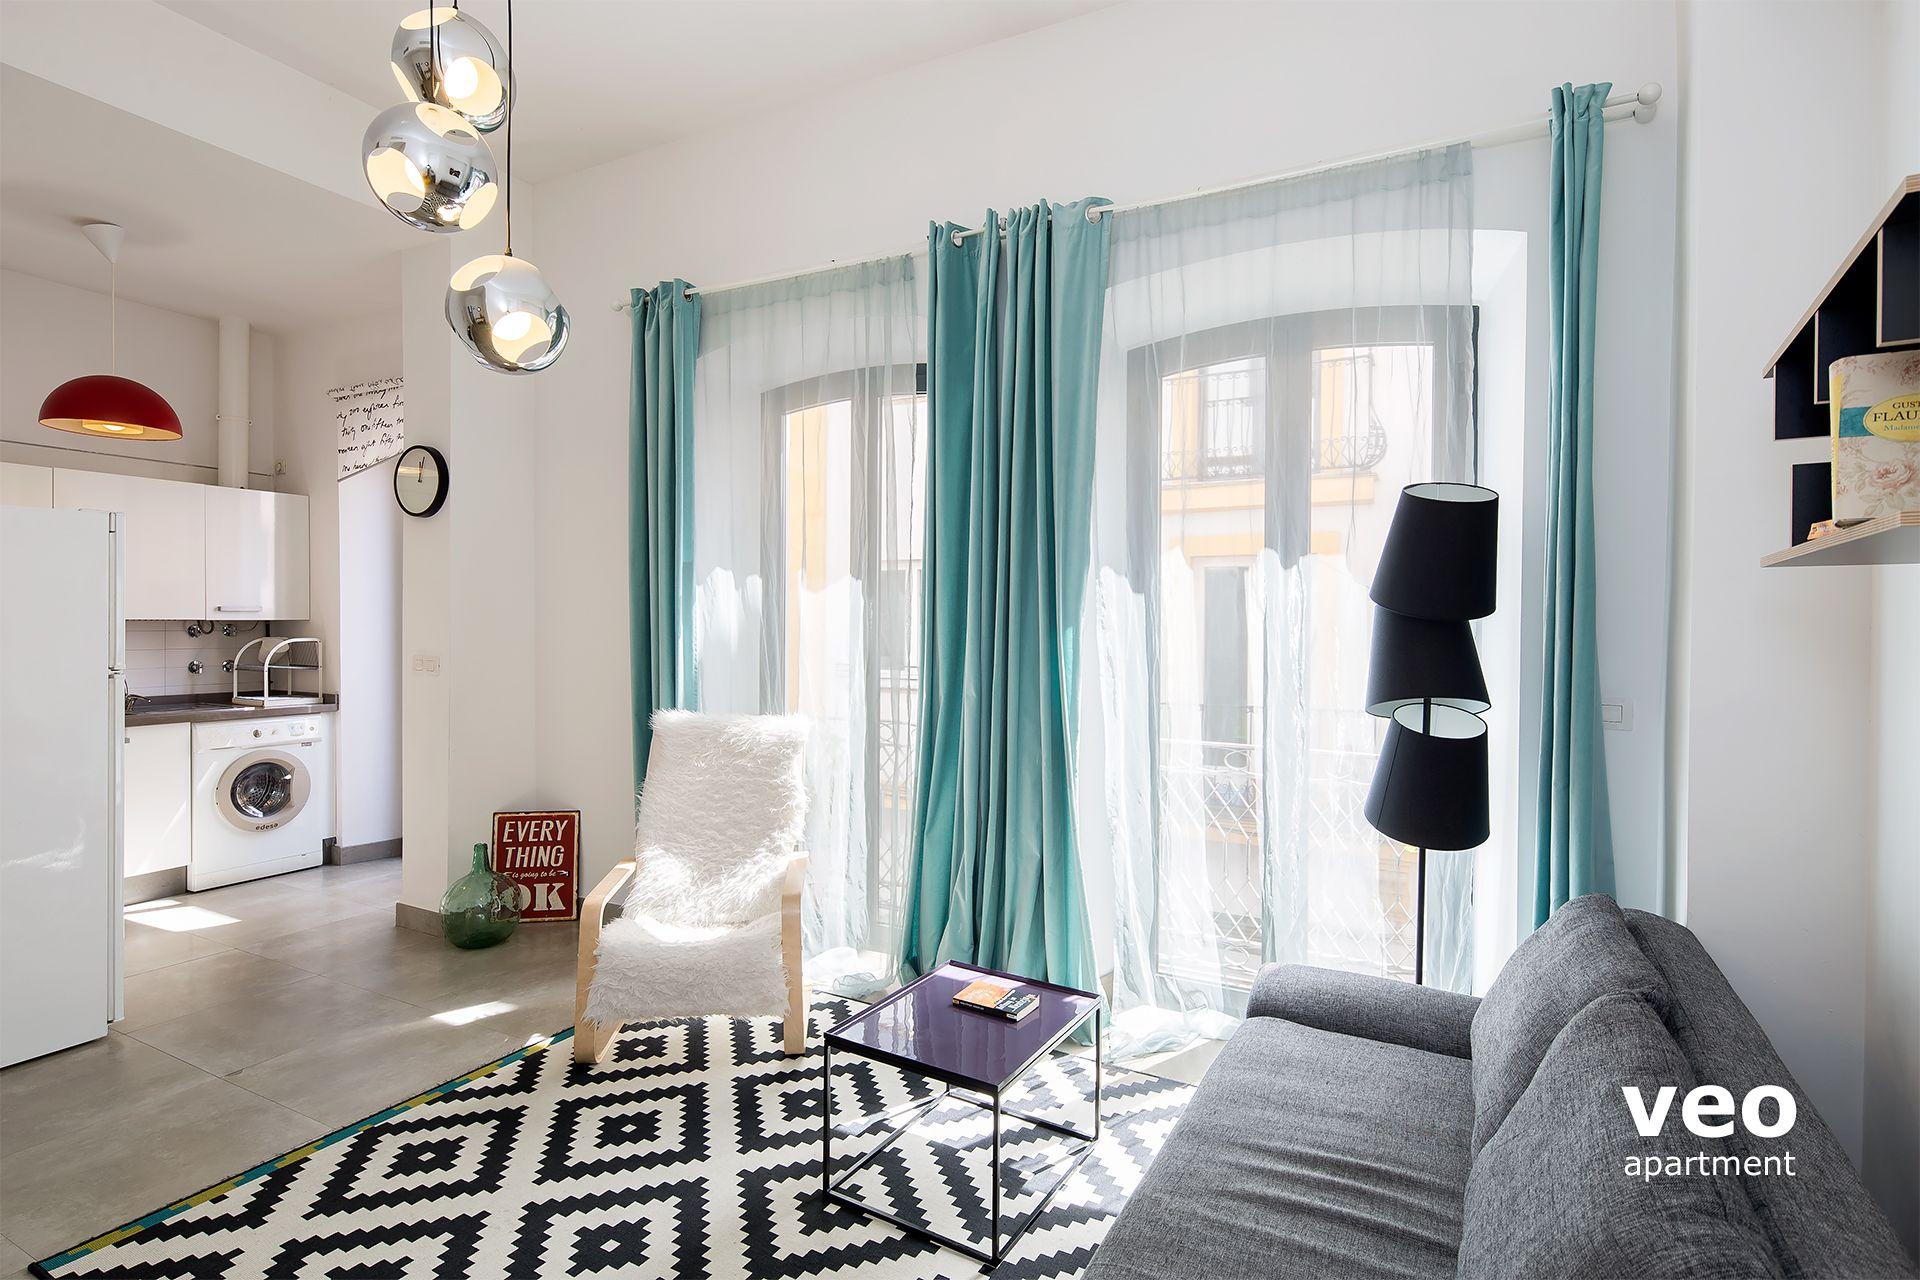 Sevilla apartmento calle torres sevilla espa a torres for Alquiler apartamentos sevilla espana